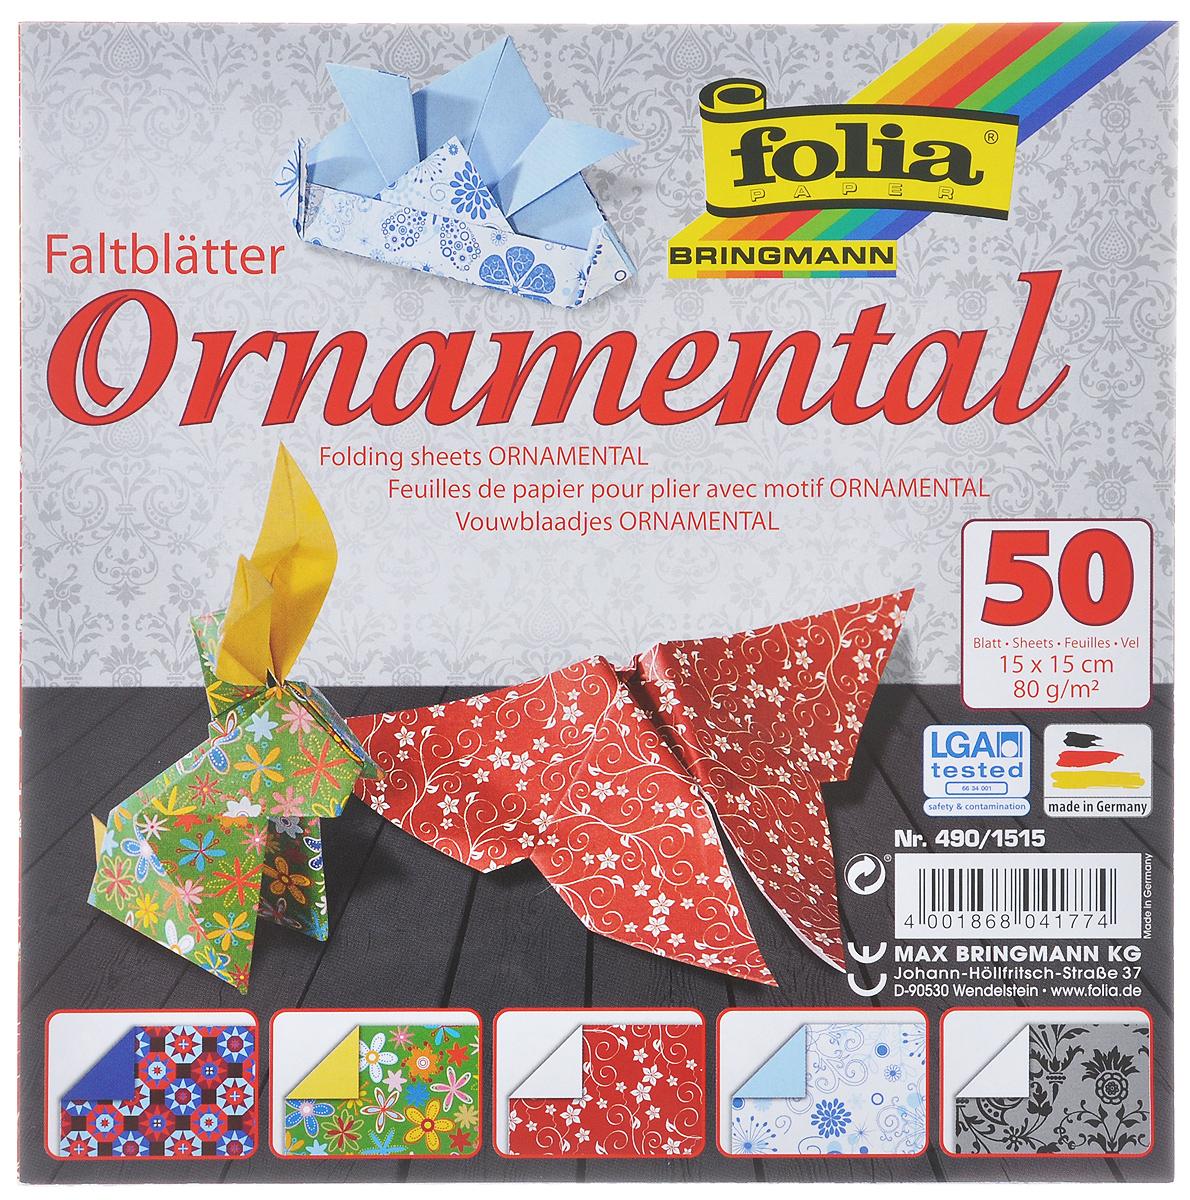 Бумага для оригами Folia Орнаменты, 15 х 15 см, 50 листов7708023Набор специальной двусторонней бумаги для оригами Folia Орнаменты содержит 50 листов разных цветов, которые помогут вам и вашему ребенку сделать яркие и разнообразные фигурки. В набор входит бумага пяти разных дизайнов. С одной стороны - бумага однотонная, с другой - оформлена оригинальными узорами и орнаментами. Эти листы можно использовать для оригами, украшения для садового подсвечника или для создания новогодних звезд. При многоразовом сгибании листа на бумаге не появляются трещины, так как она обладает очень высоким качеством. Бумага хорошо комбинируется с цветным картоном. За свою многовековую историю оригами прошло путь от храмовых обрядов до искусства, дарящего радость и красоту миллионам людей во всем мире. Складывание и художественное оформление фигурок оригами интересно заполнят свободное время, доставят огромное удовольствие, радость и взрослым и детям. Увлекательные занятия оригами развивают мелкую моторику рук, воображение,...